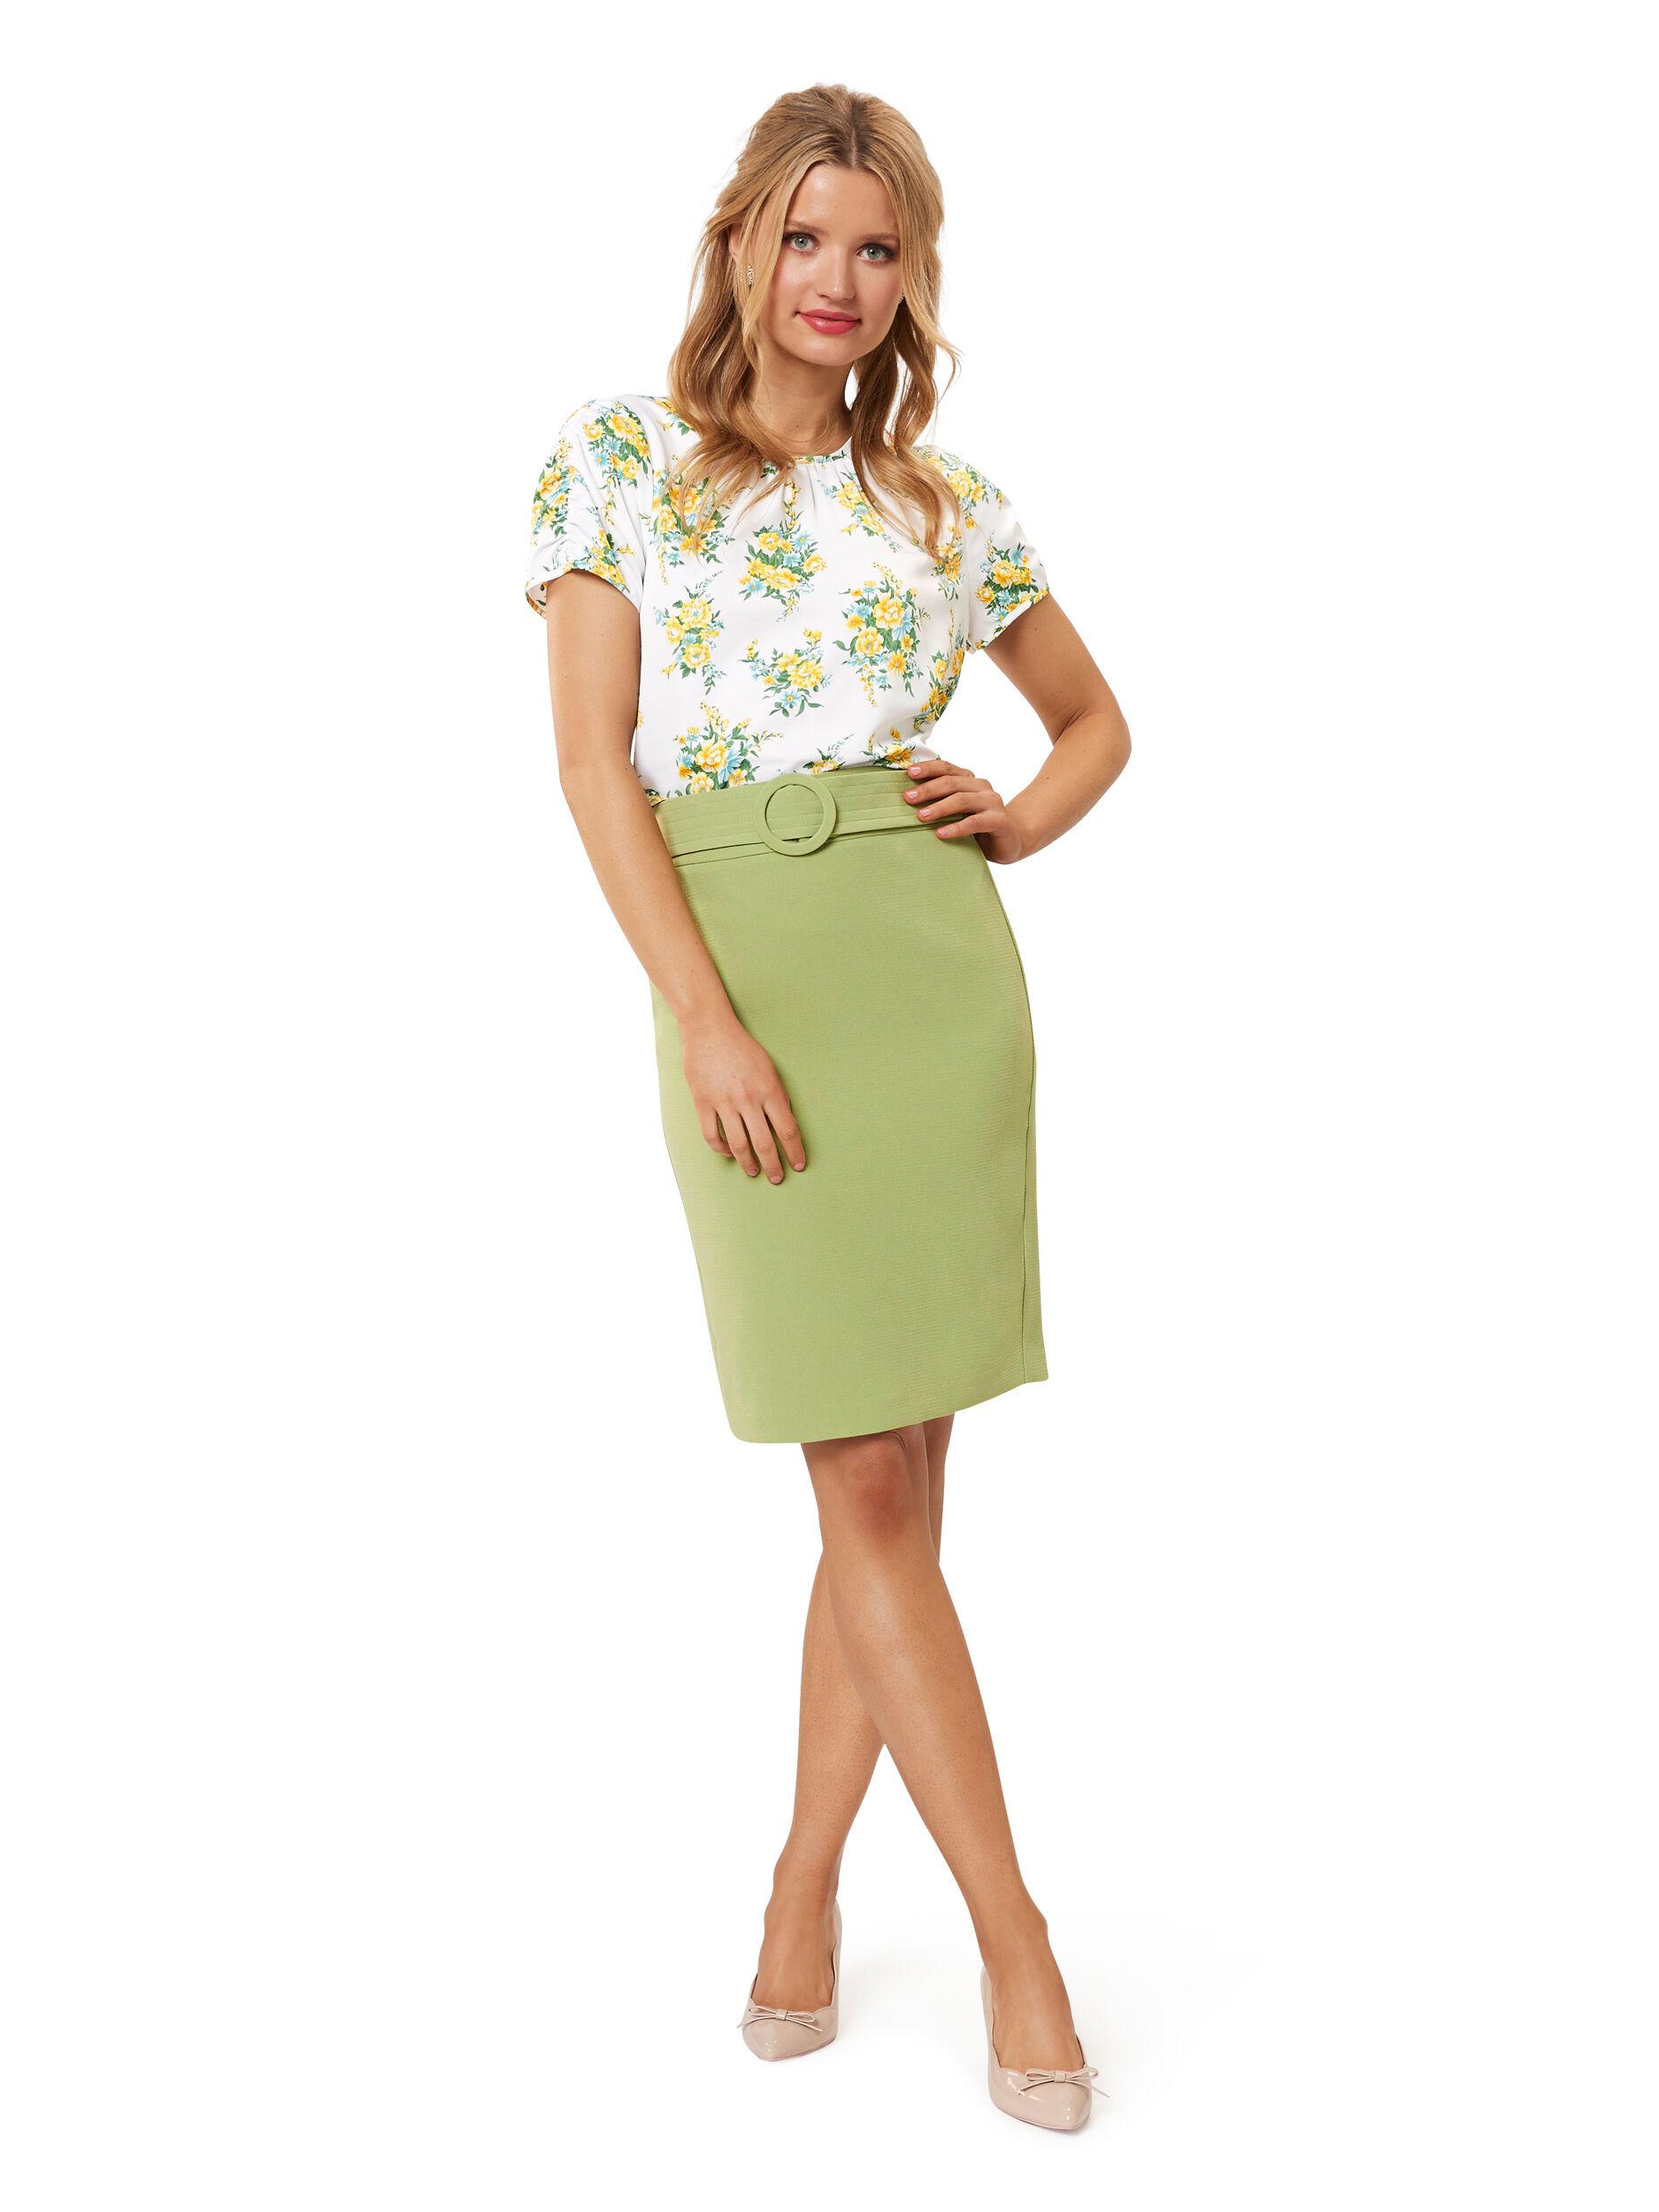 Farrah Floral Top